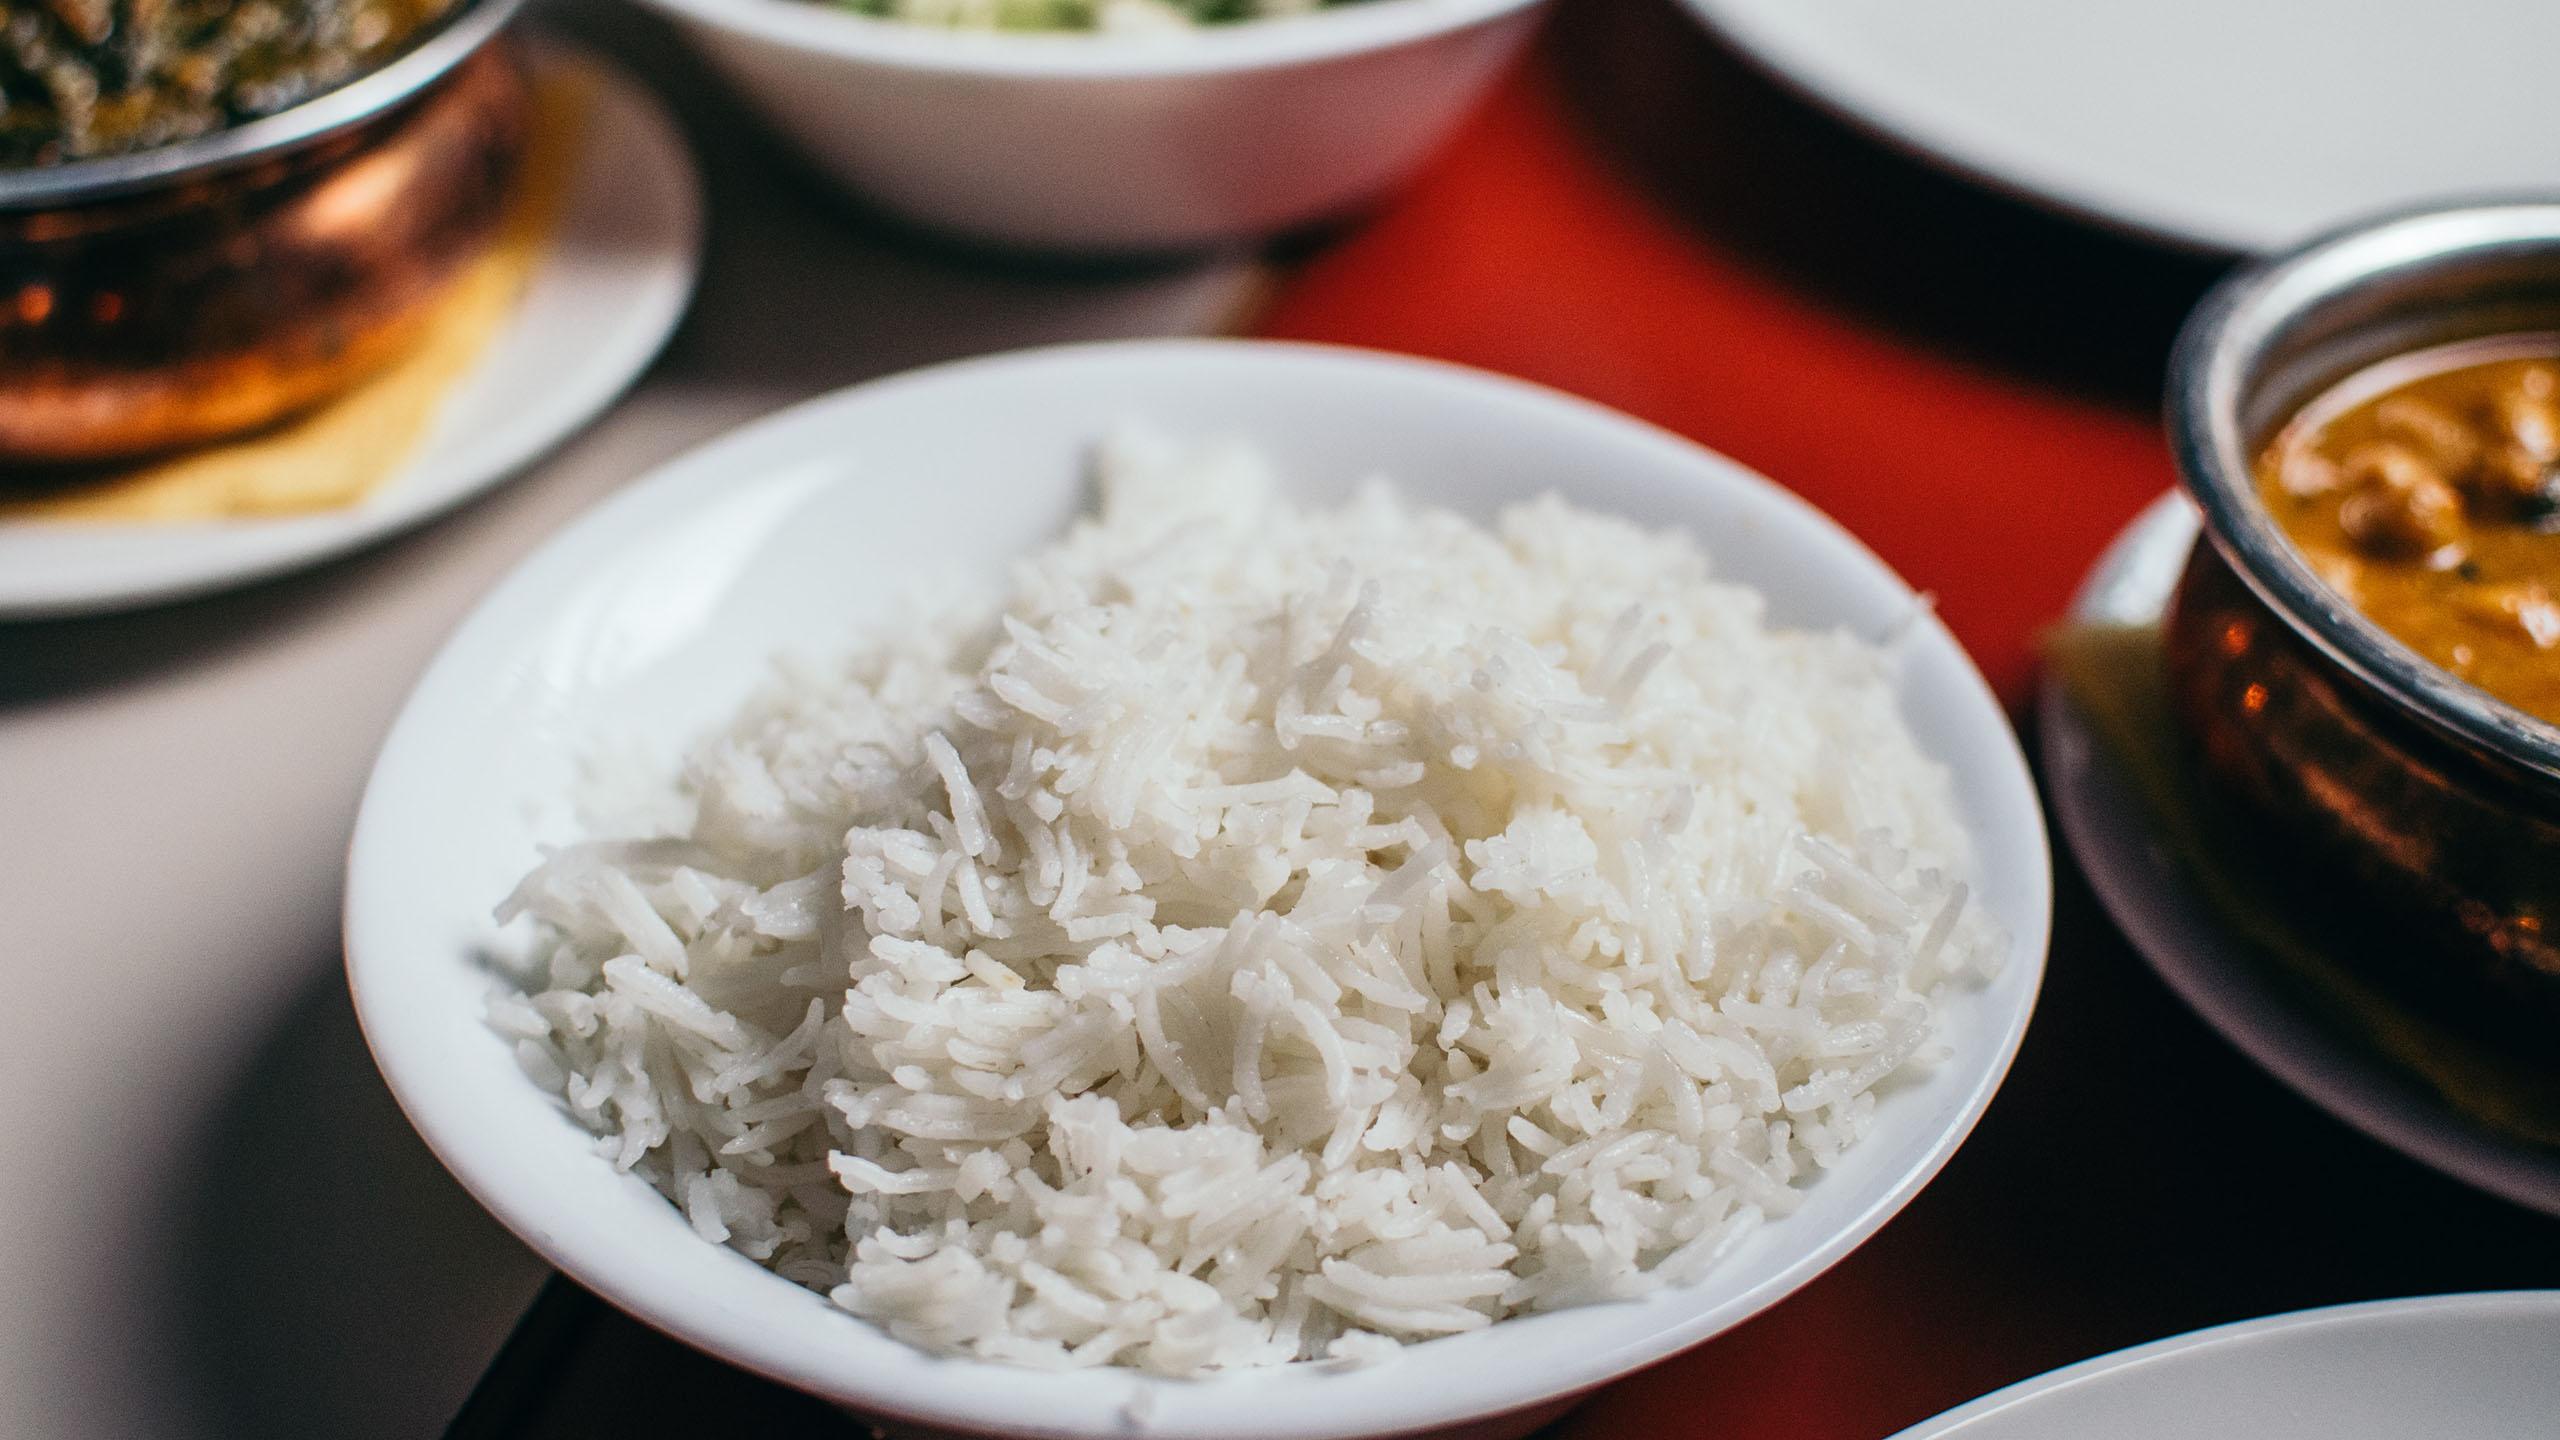 arroz, tip de cocina, hack de cocina, microondas